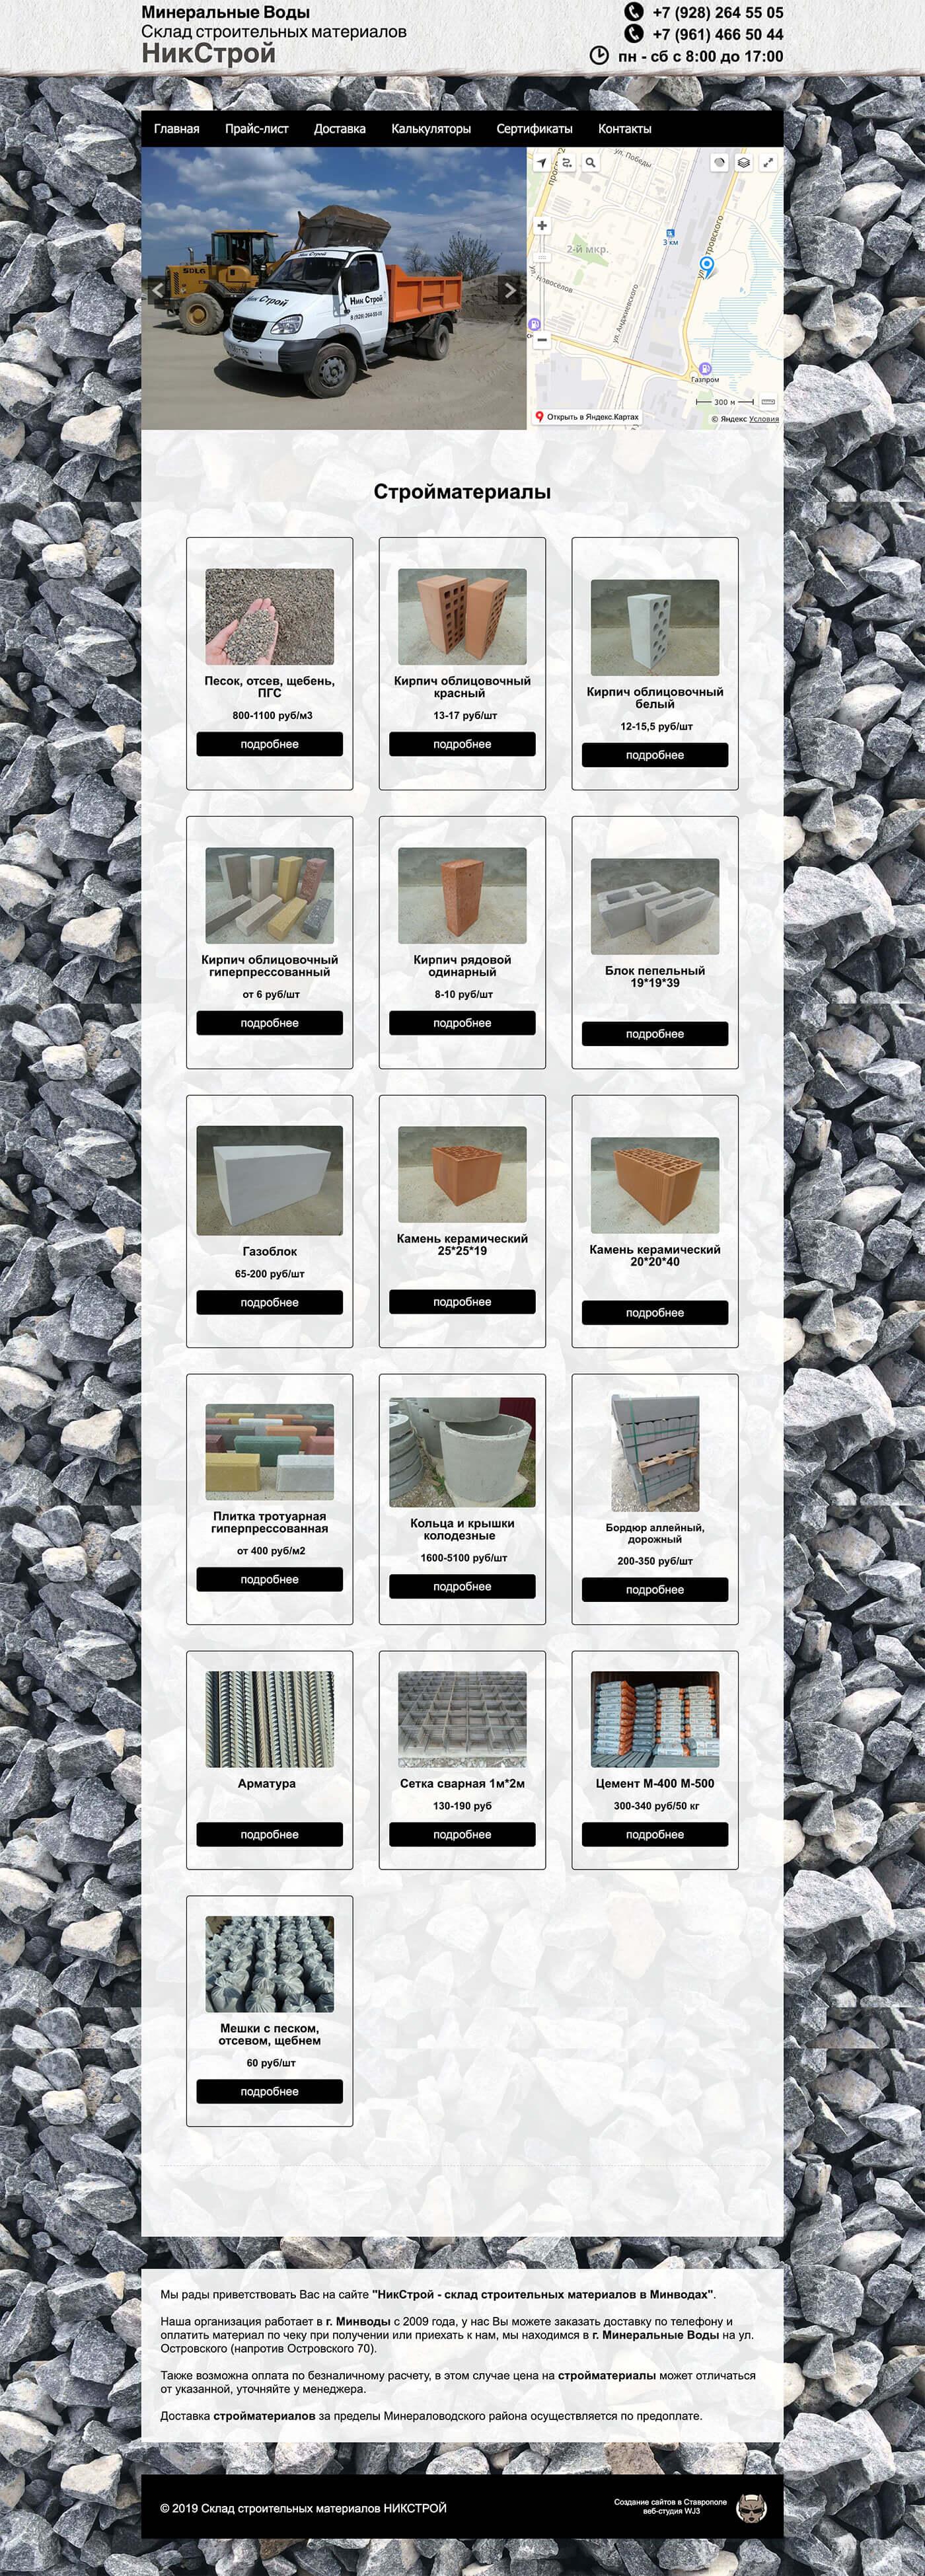 Сайт строительной компании НикСтрой